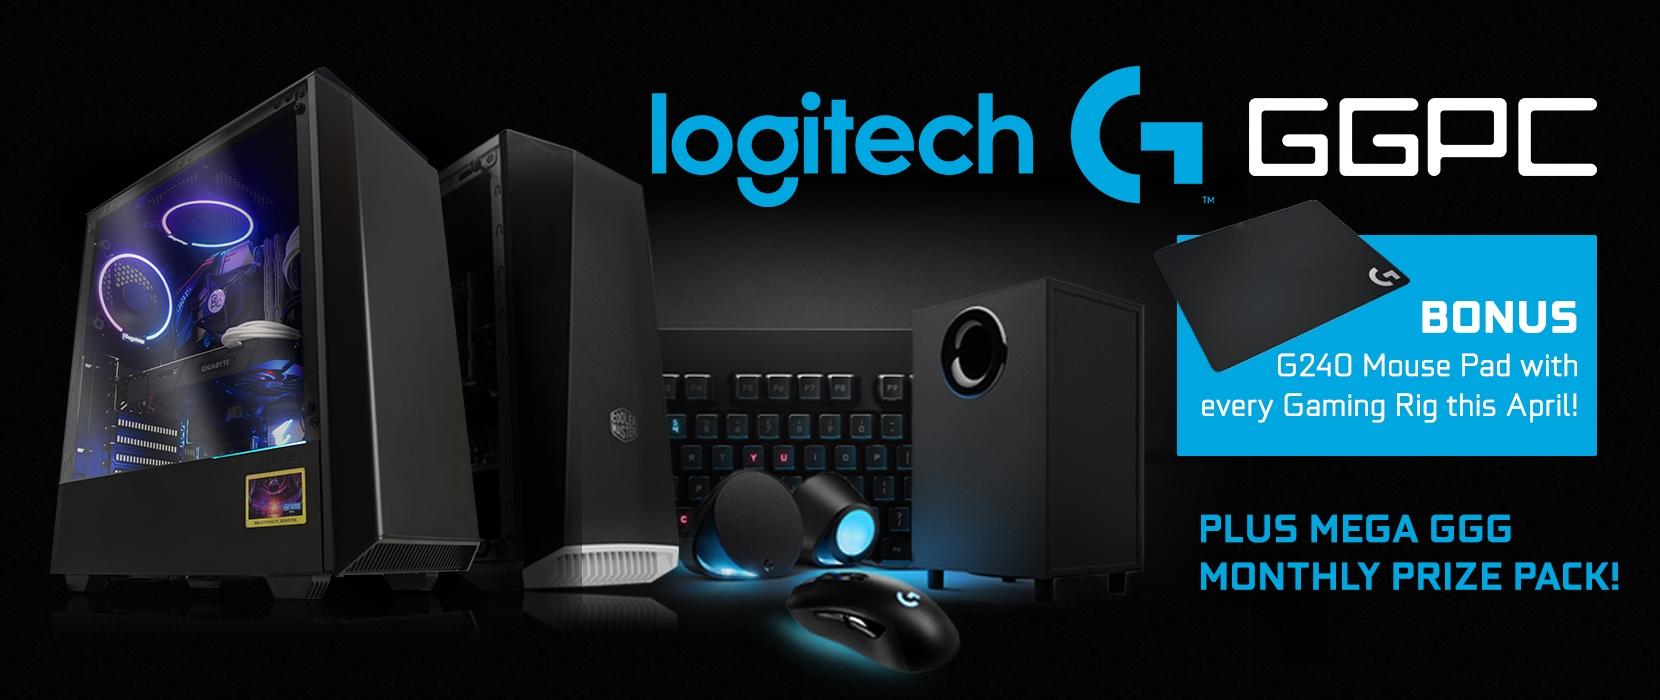 G703 Ggpc Logitech G560 Lightsync Pc Gaming Speaker G 168k Subscribers Subscribe Logitechg Speakers Launch Trailer